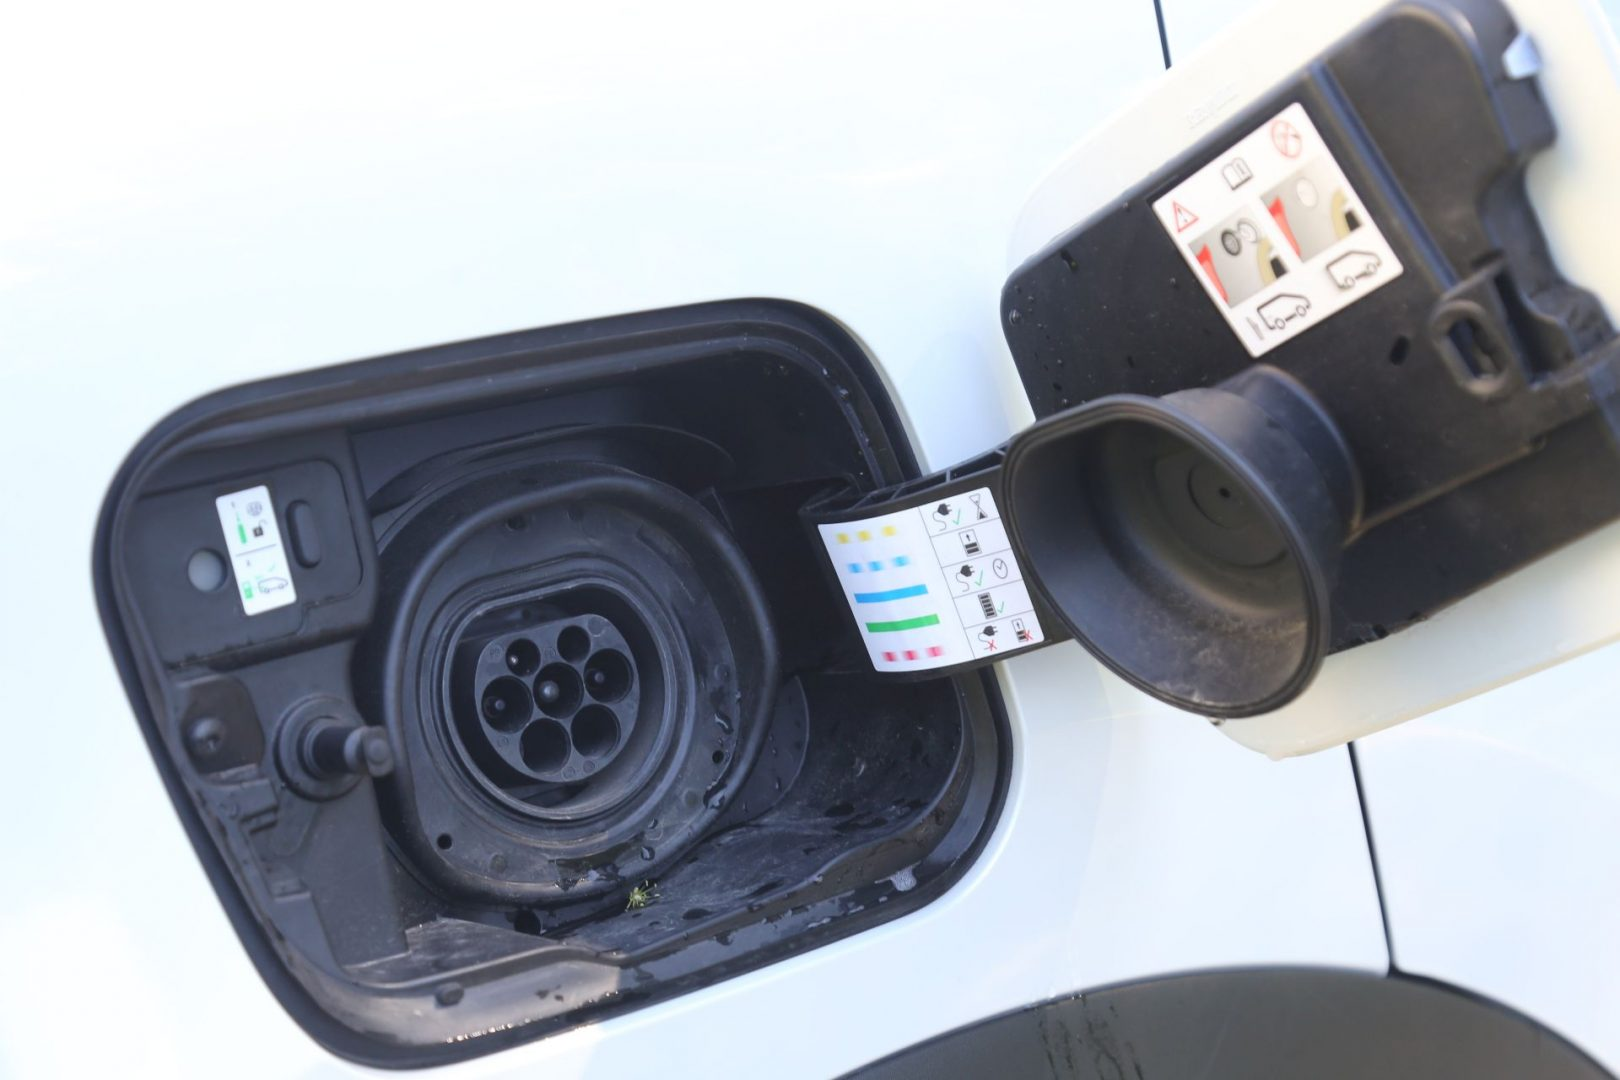 Priključak za punjenje nalazi se s desne strane skriven ispod vratašca, dok su s lijeve strane vratašca za punjenje benzinom